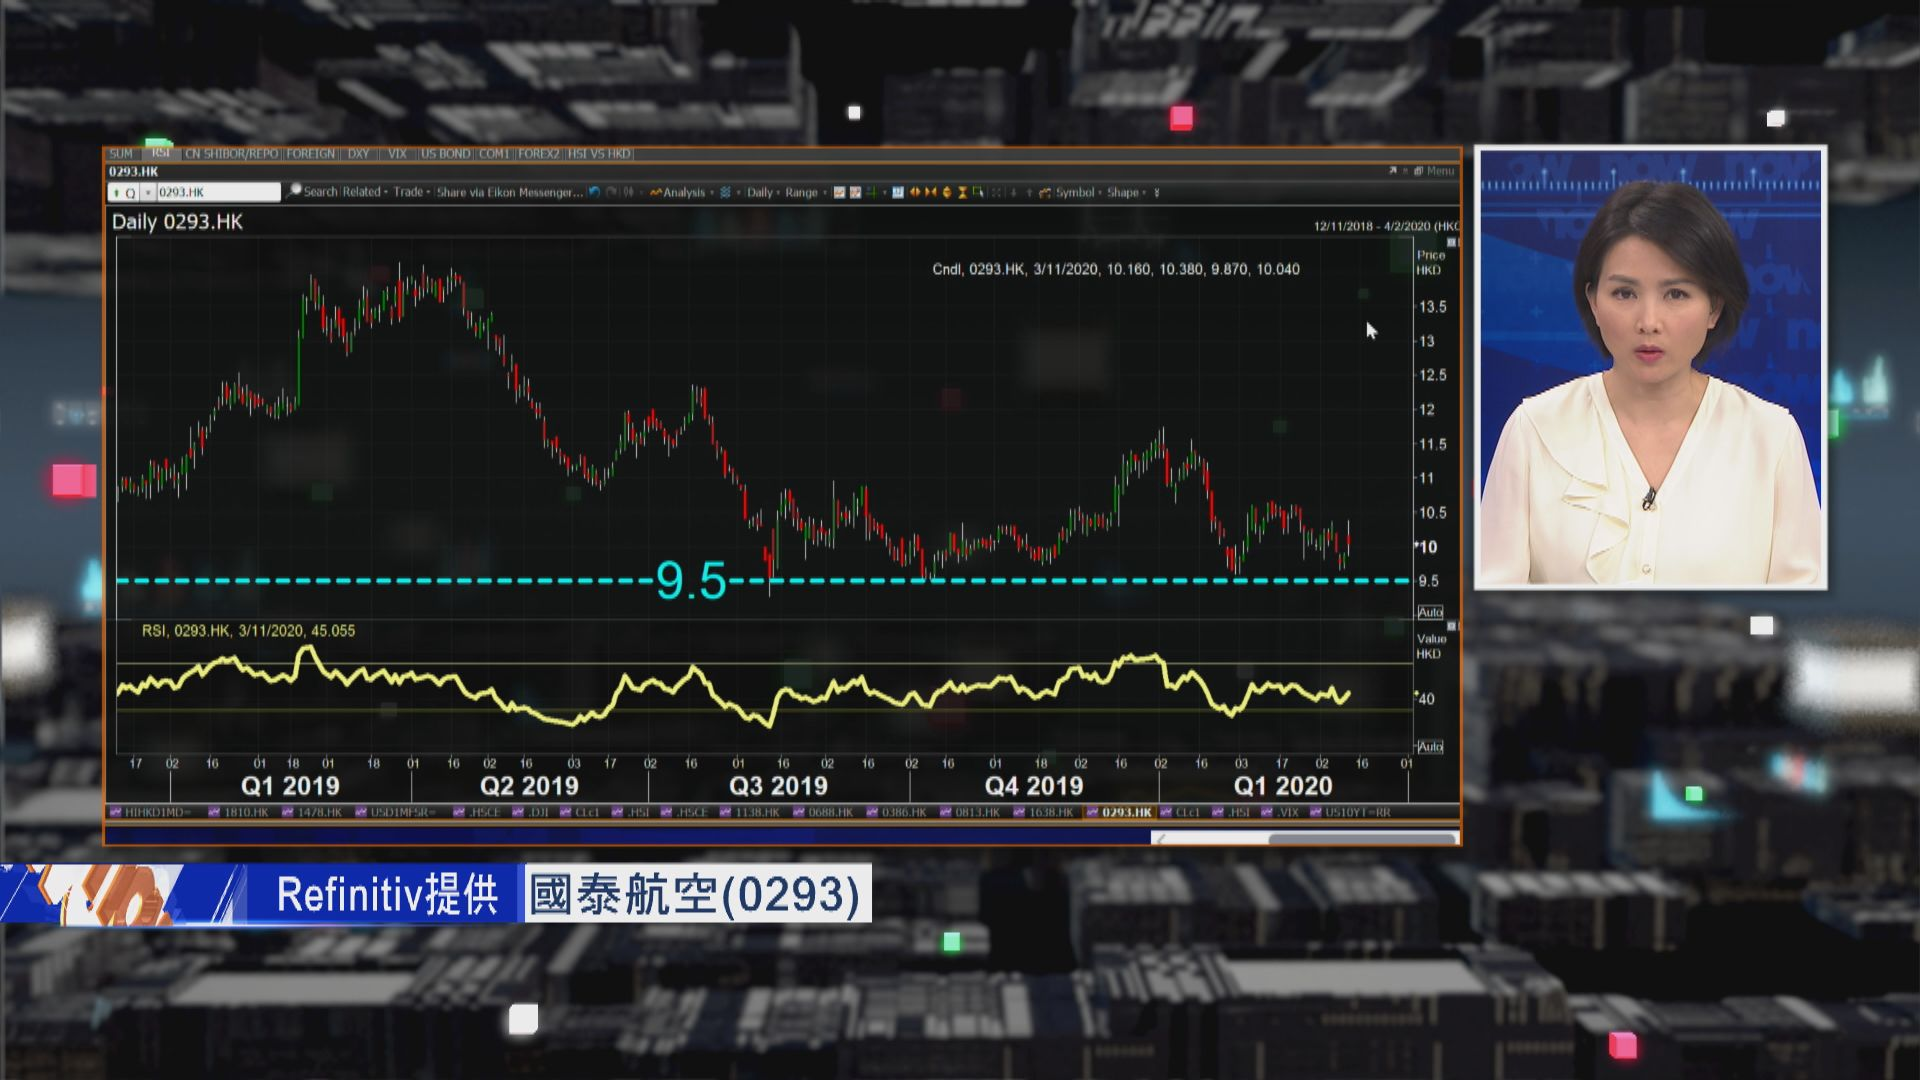 【財經TOP SEARCH】國泰出業績 惟市場關注高層任命